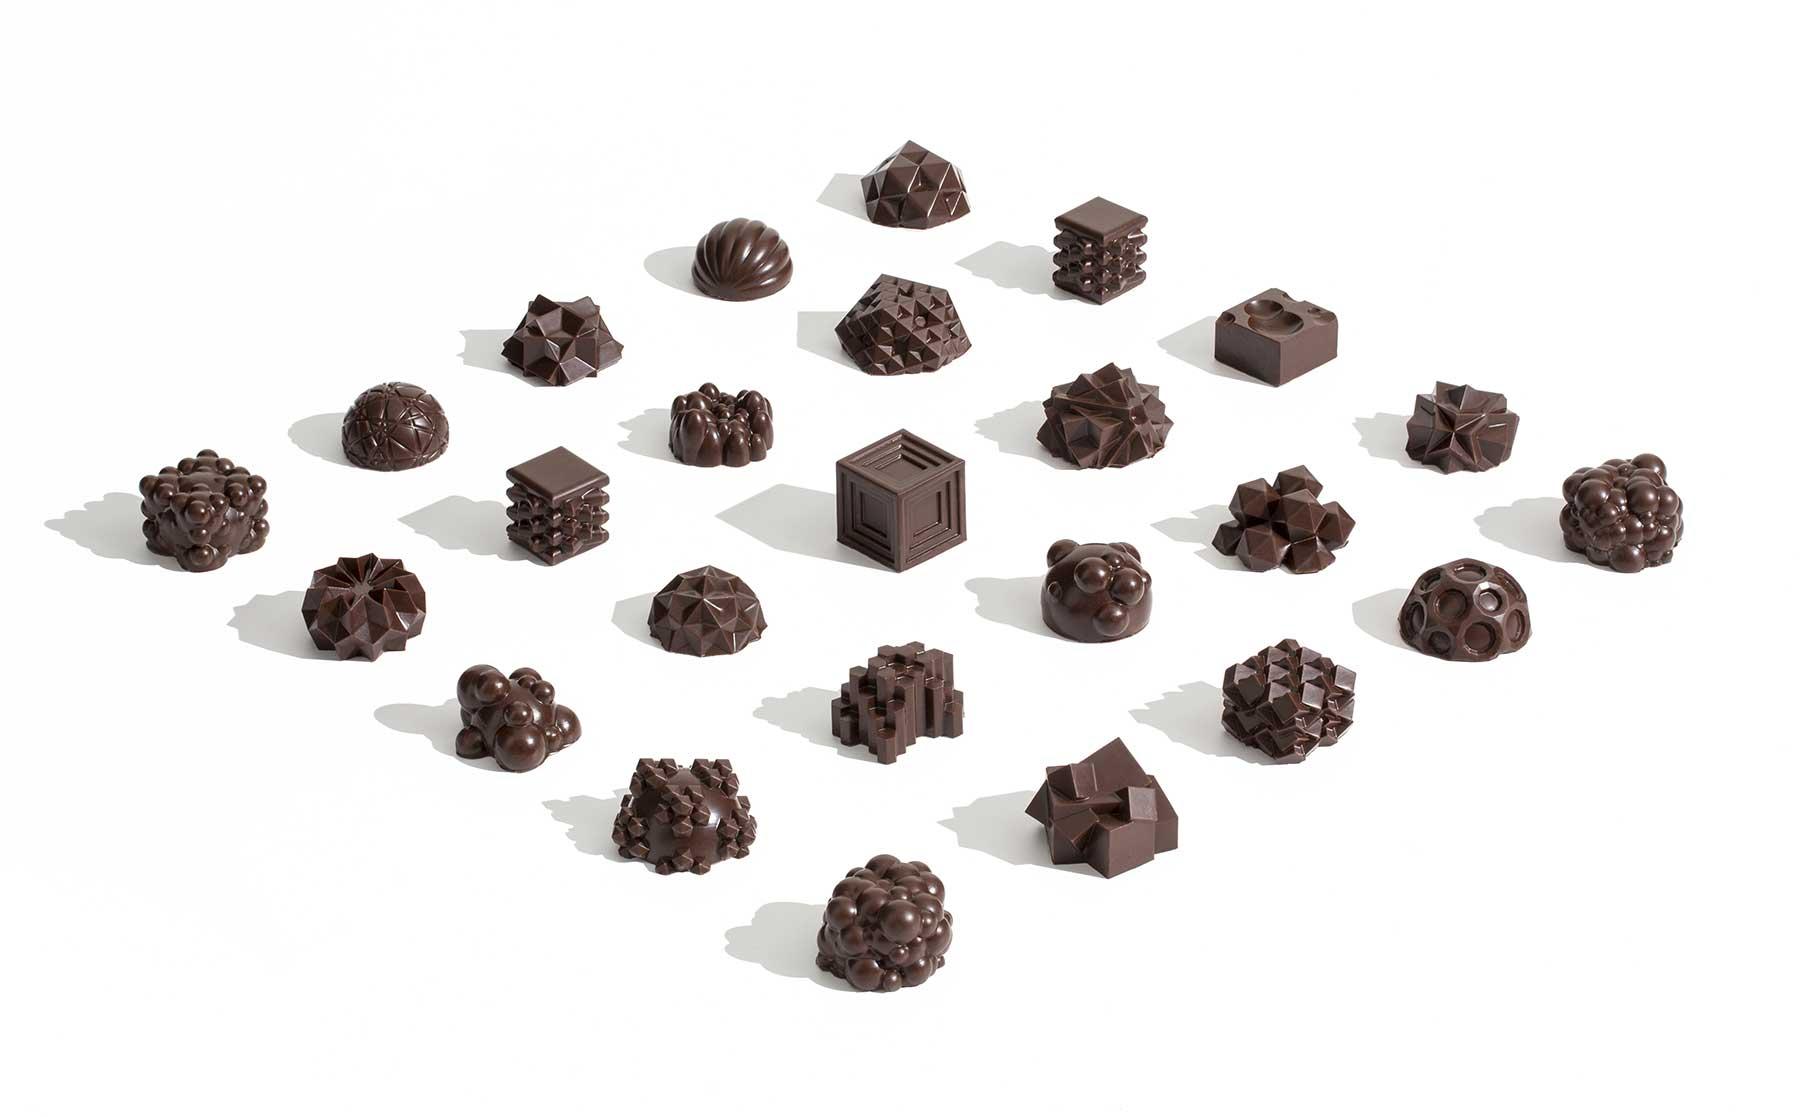 3D-gedruckte Schokoladen-Miniaturskulpturen